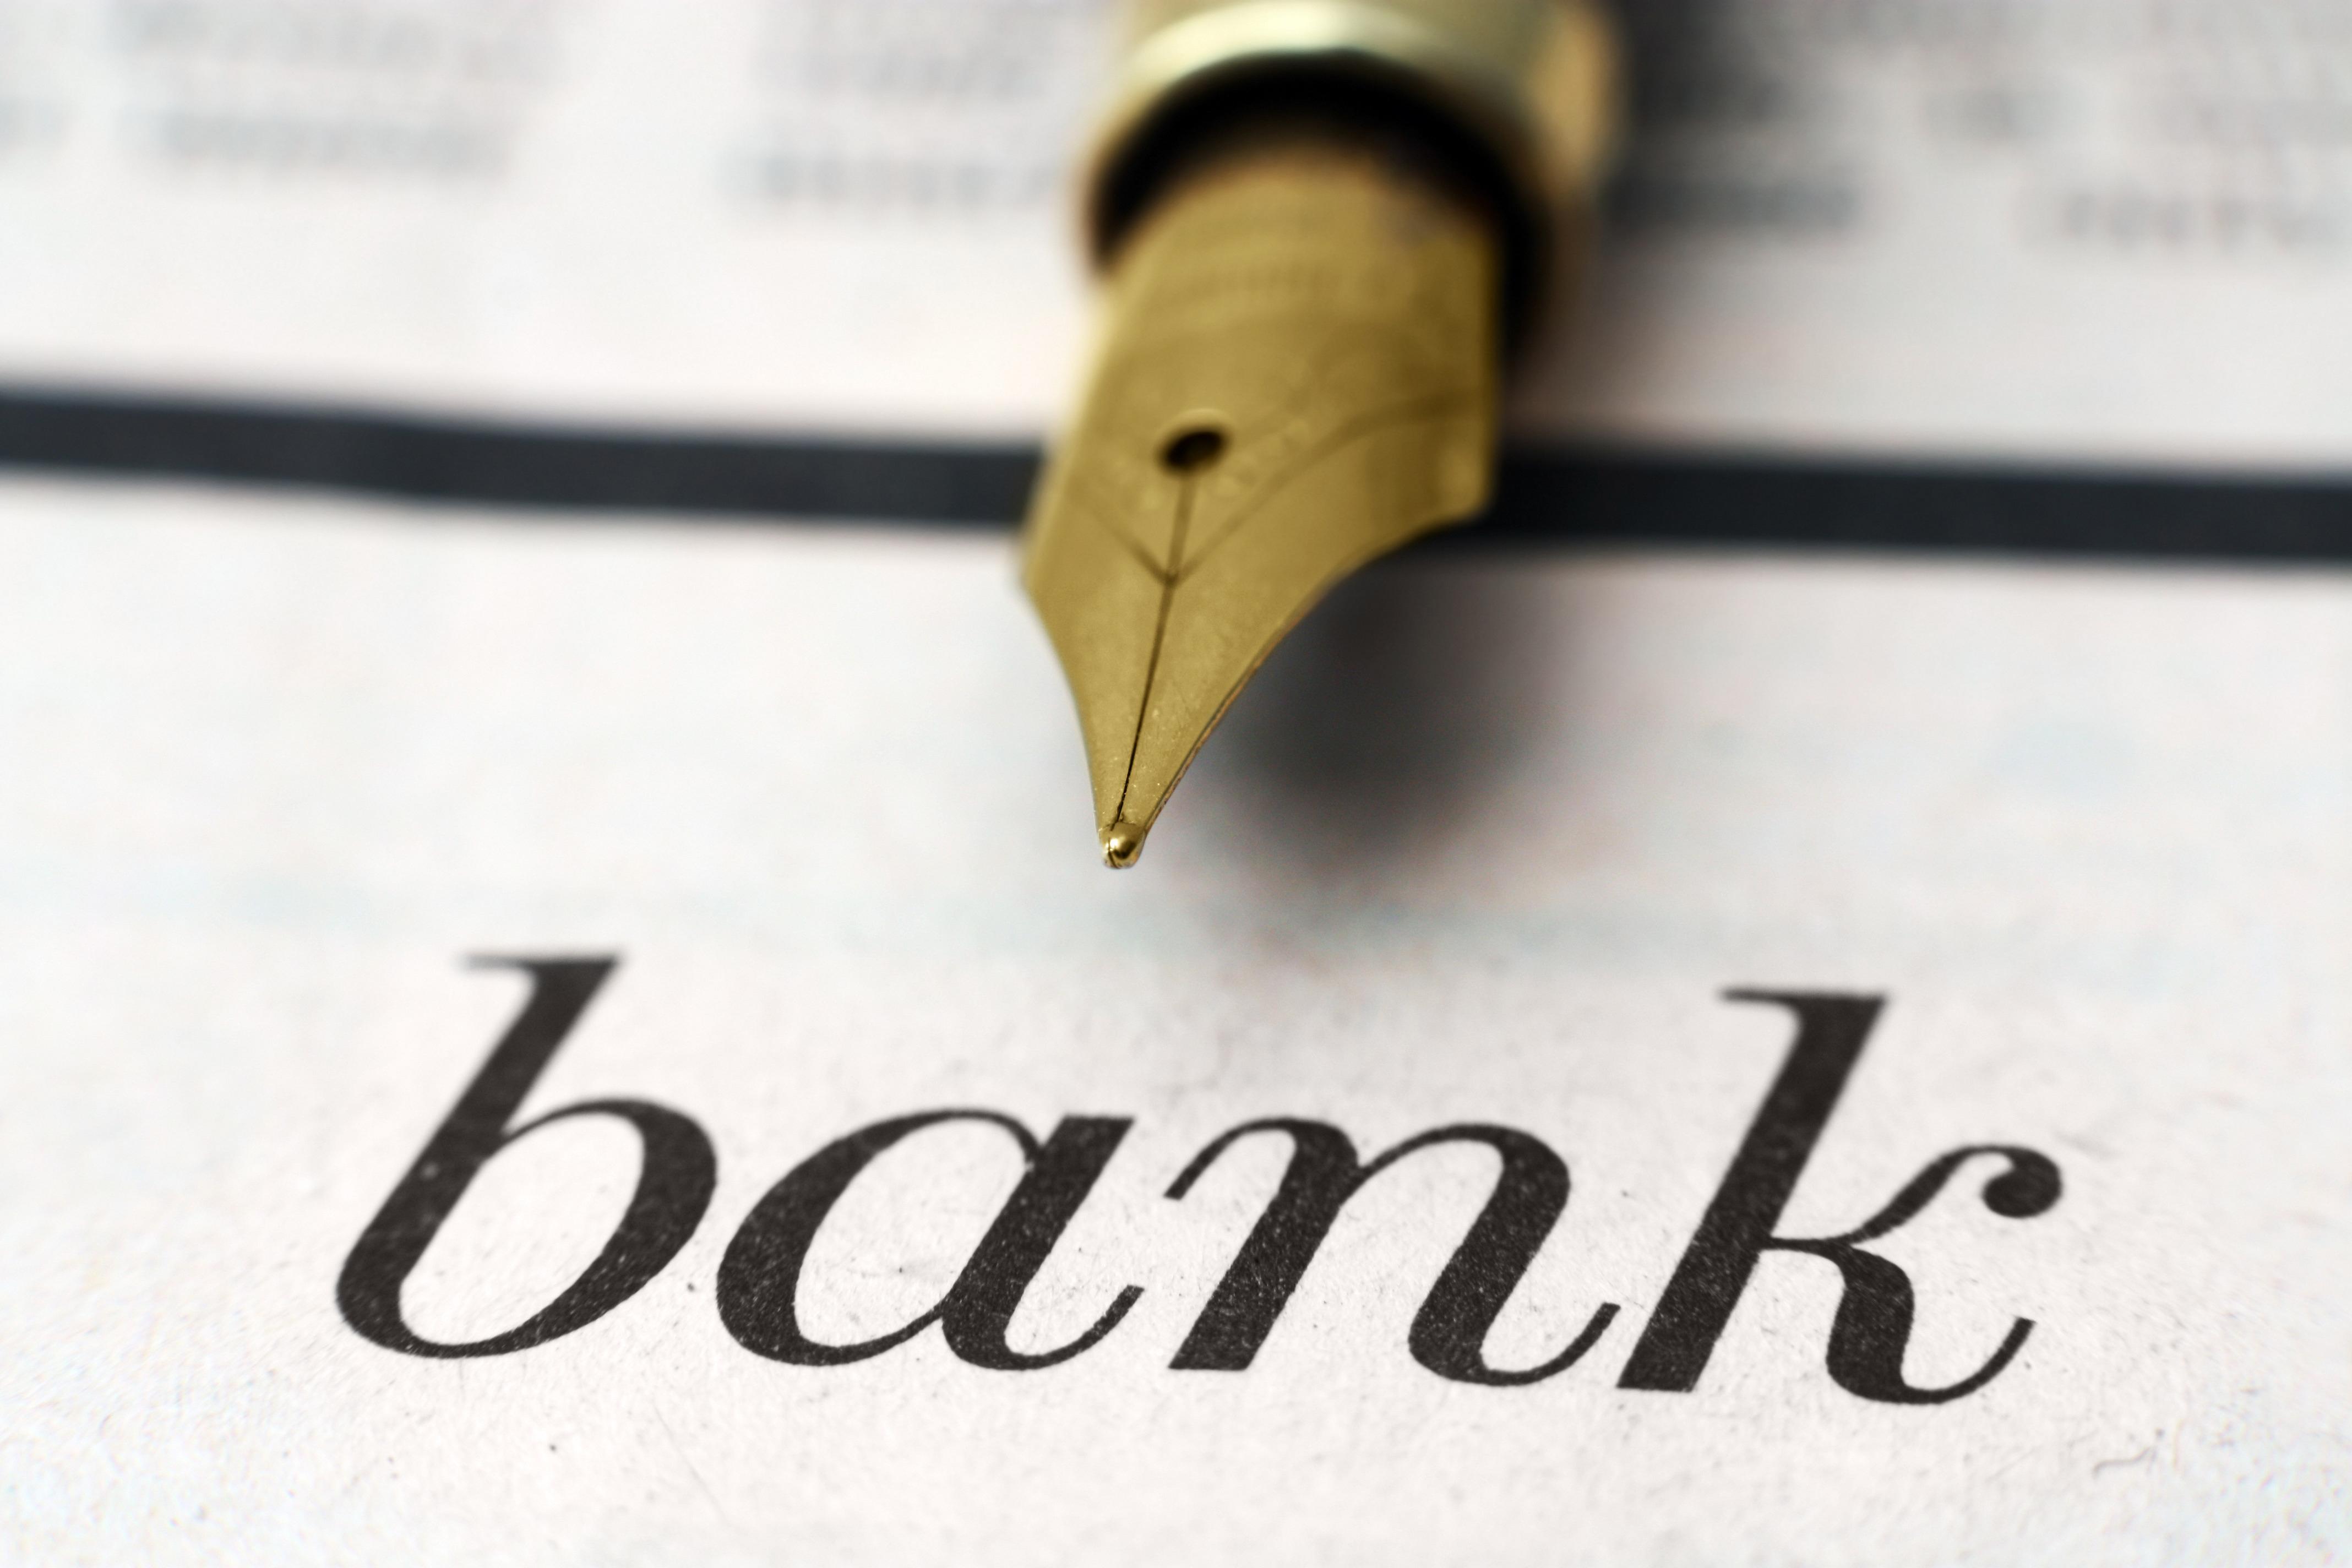 סירוב הבנק בפתיחת חשבון בנק   פתיחת חשבון בנק סירוב